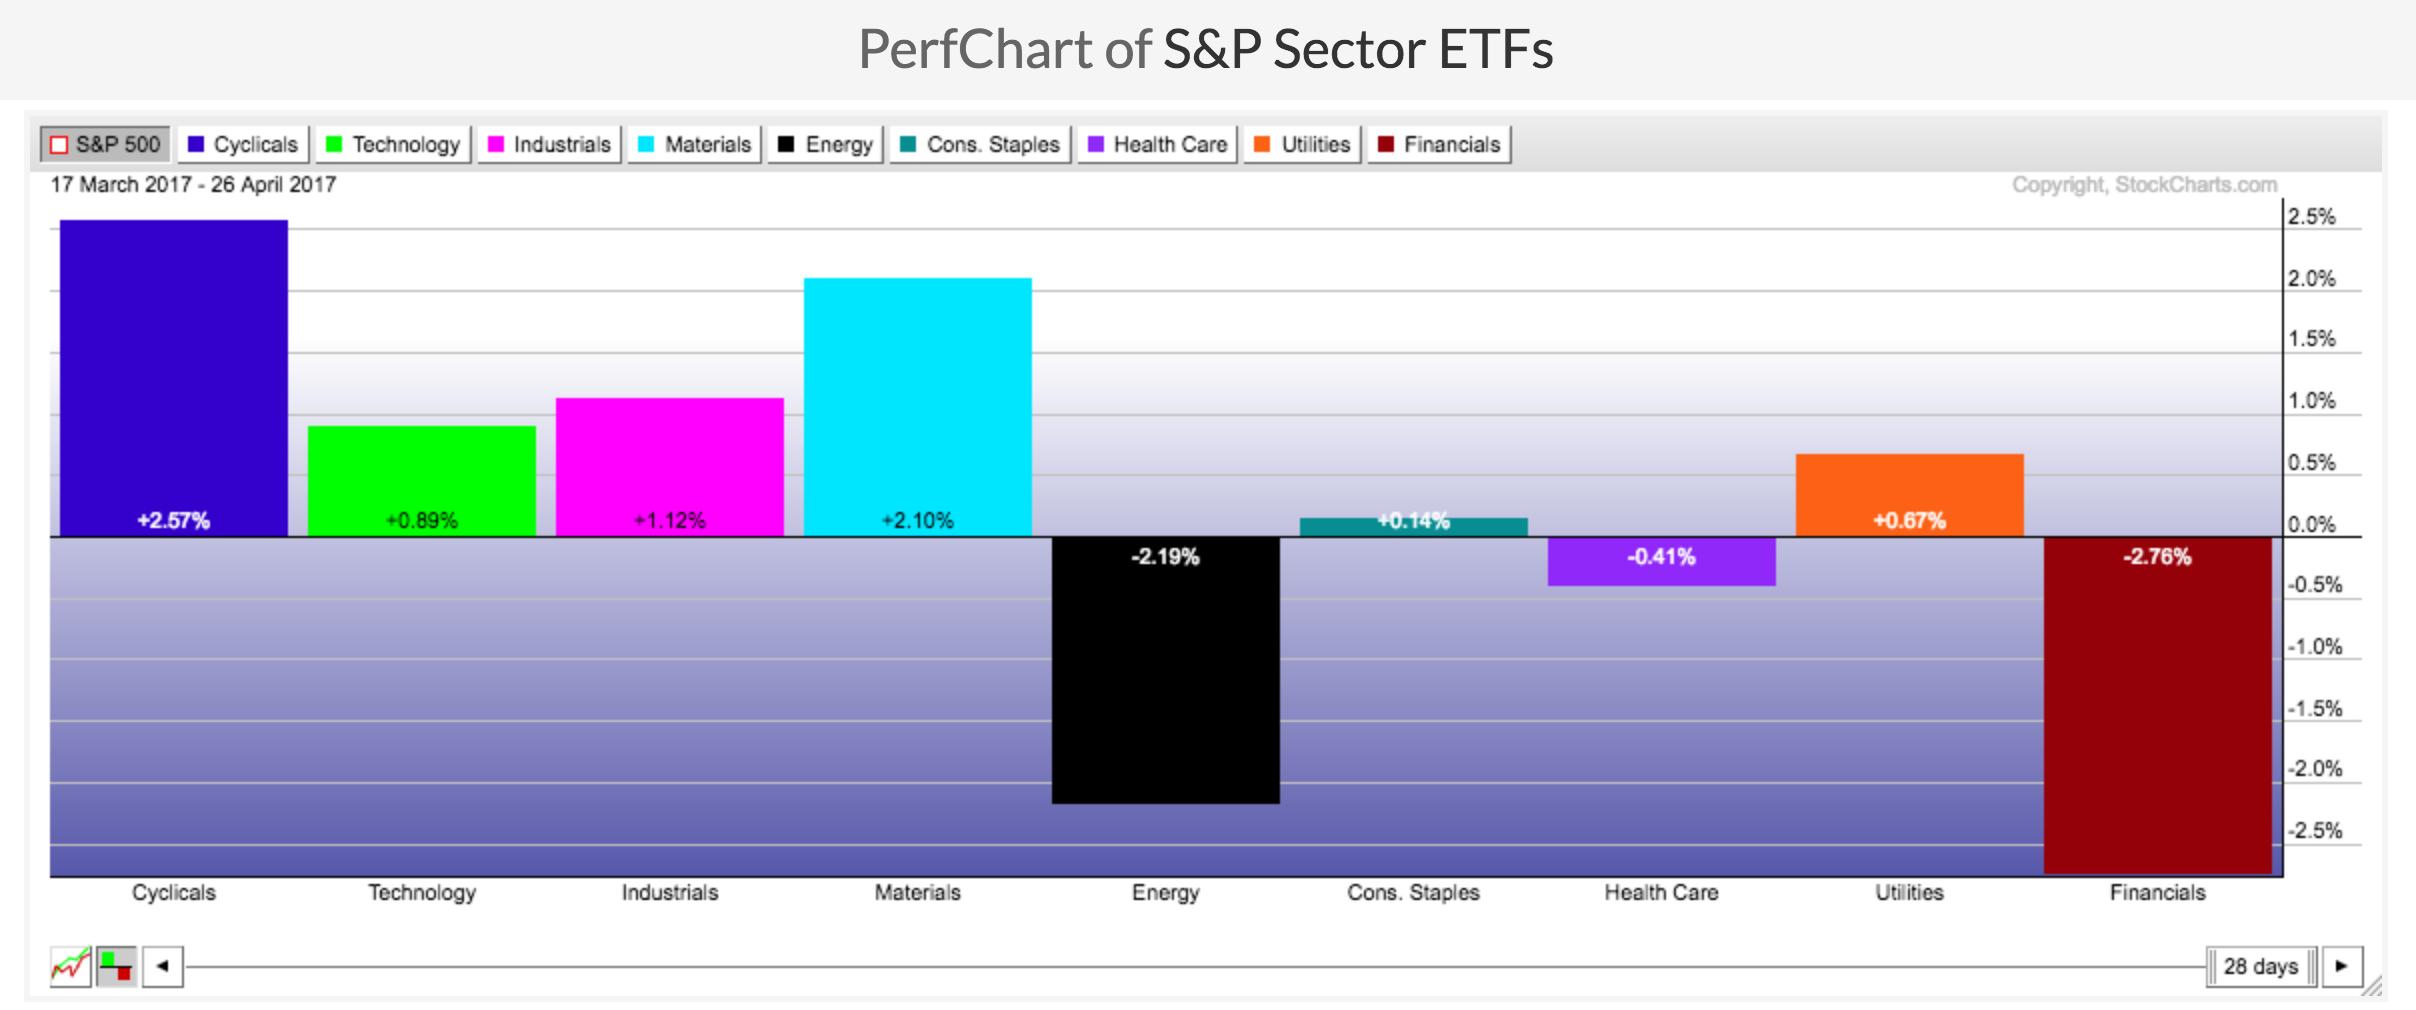 Markets & Sectors